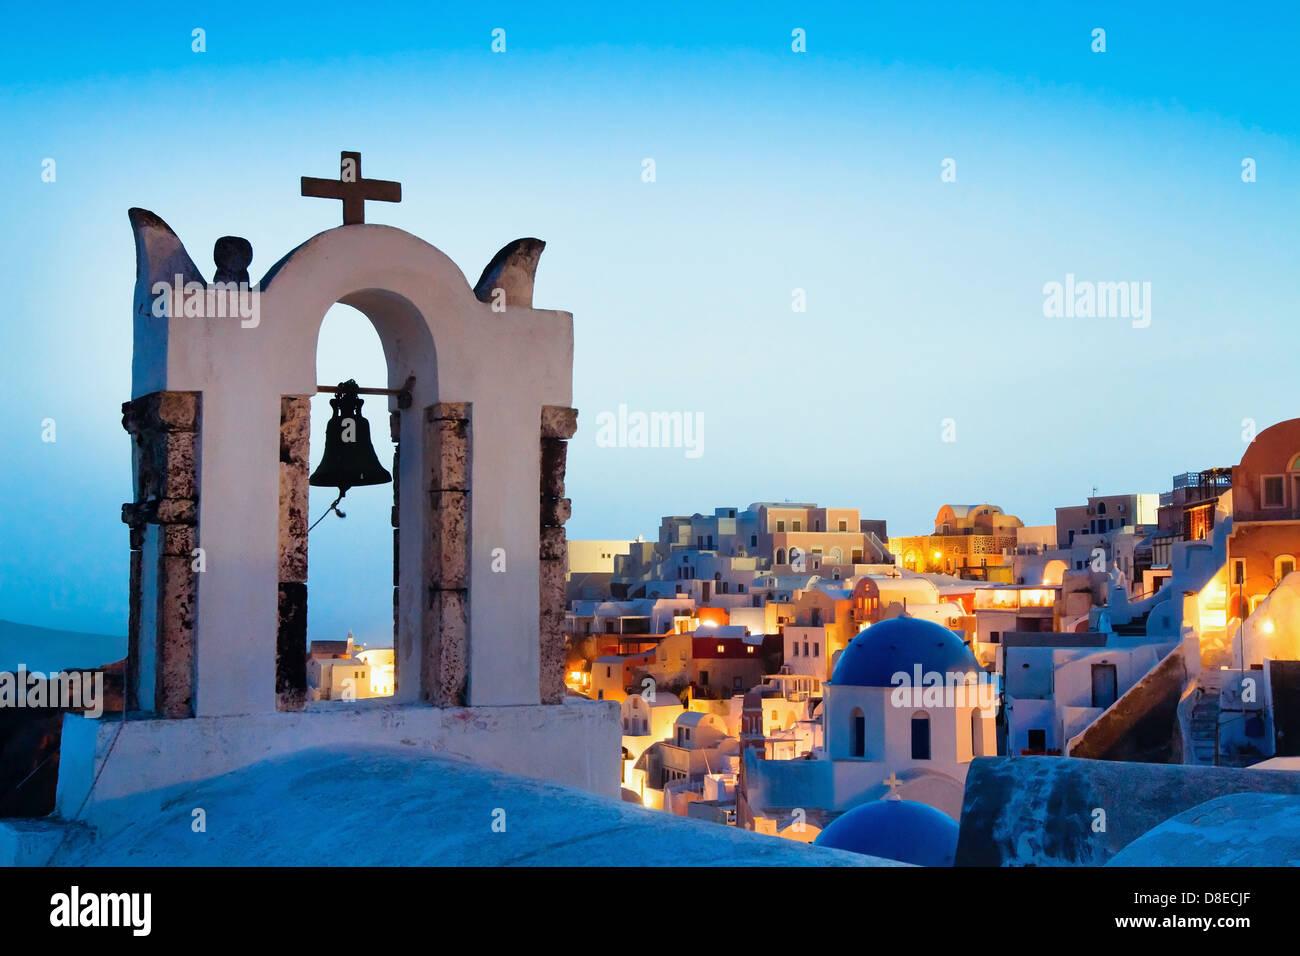 Belle vue panoramique sur Santorin, Grèce, église traditionnelle sur le premier plan Photo Stock